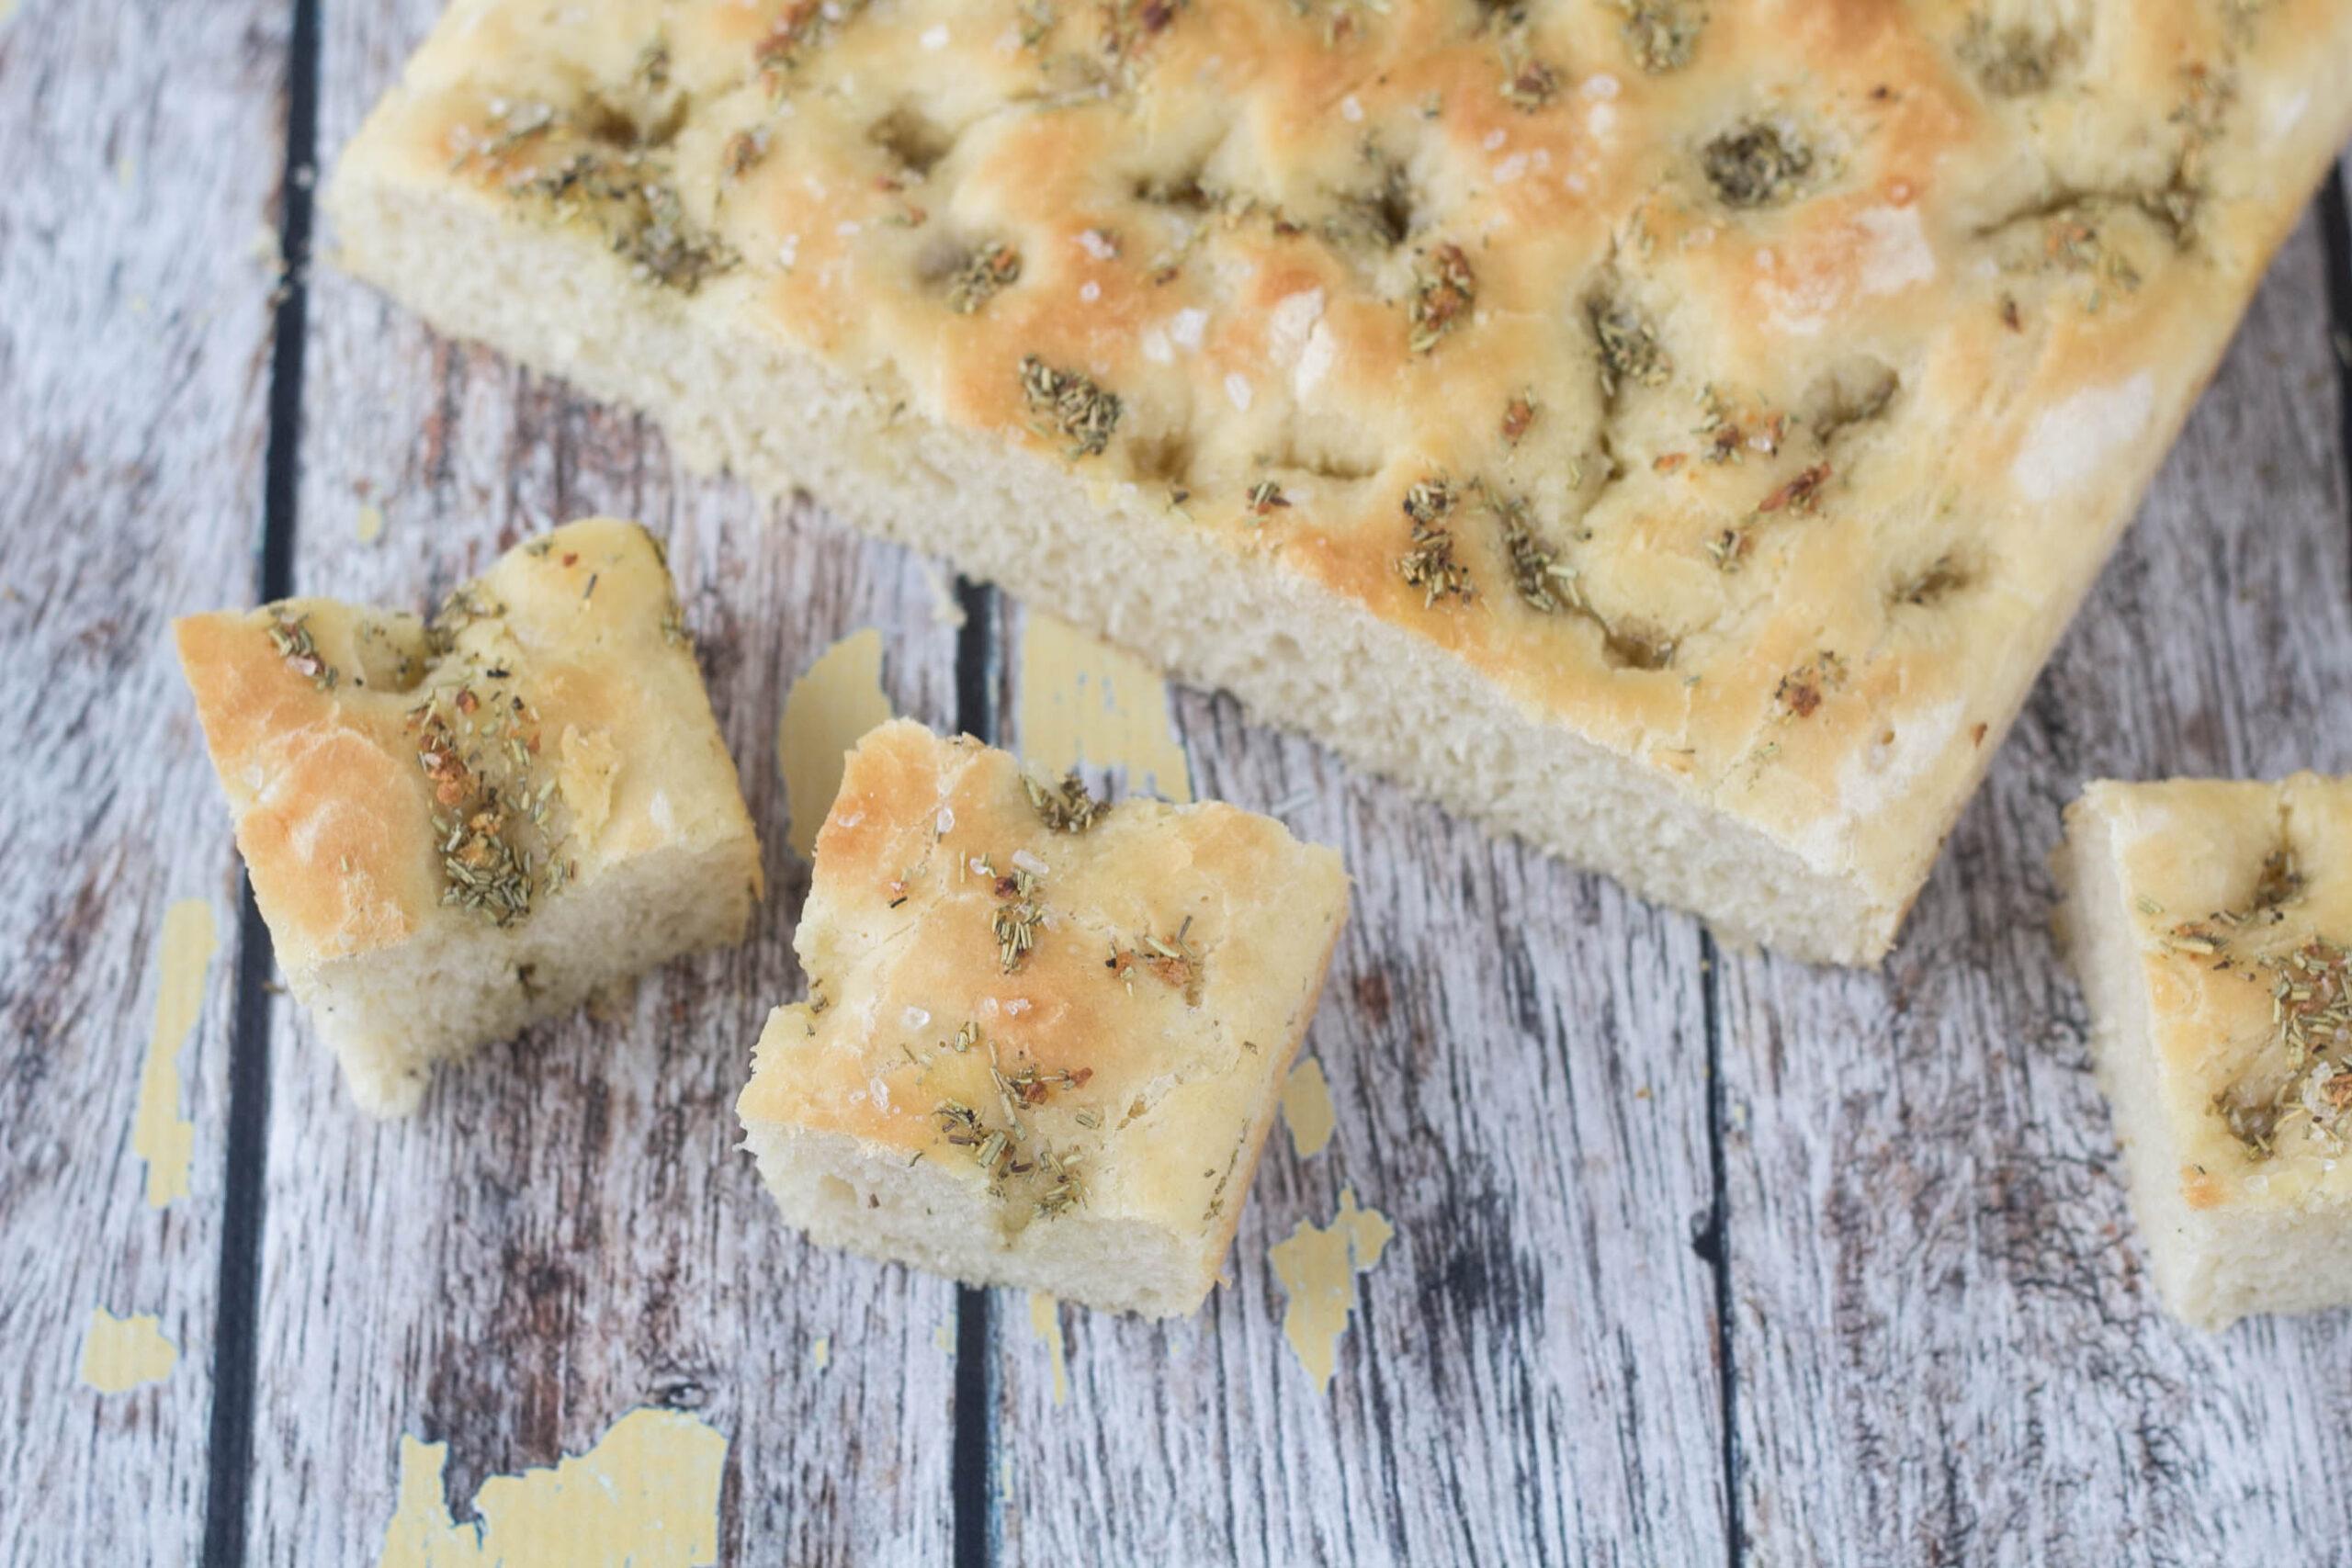 Recipe for Homemade Focaccia bread